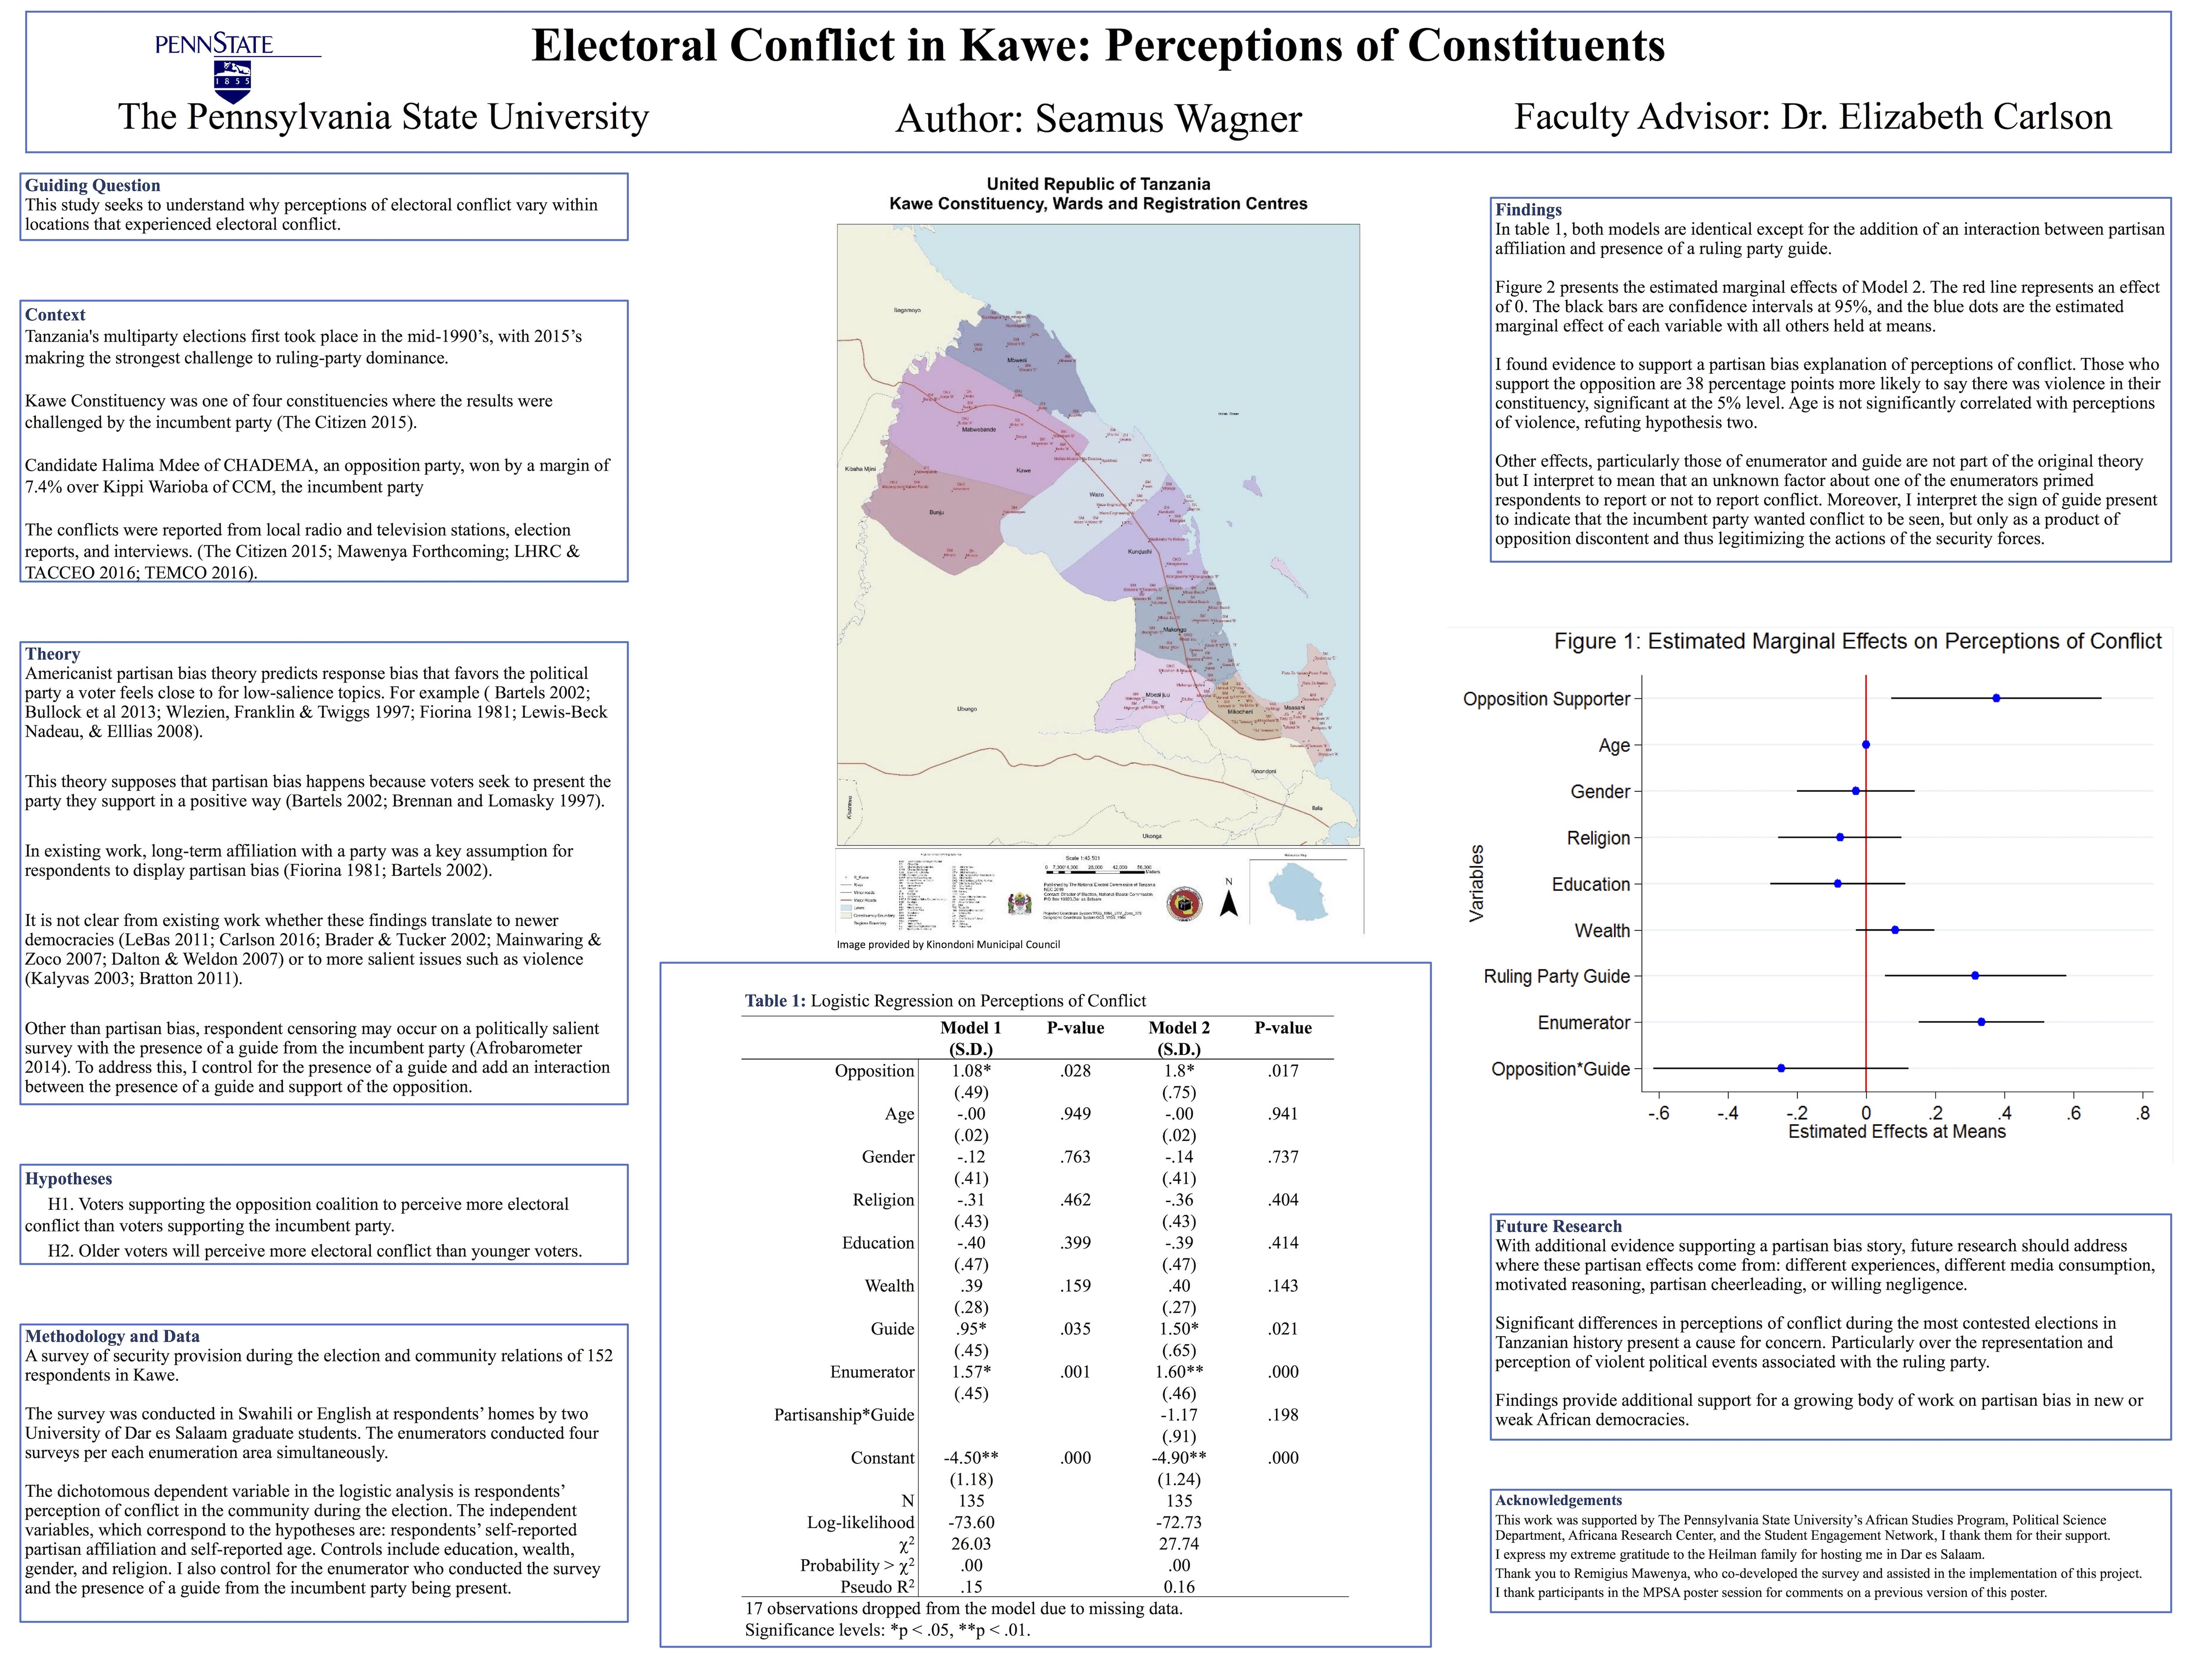 A poster describing the electoral conflict in Kawe